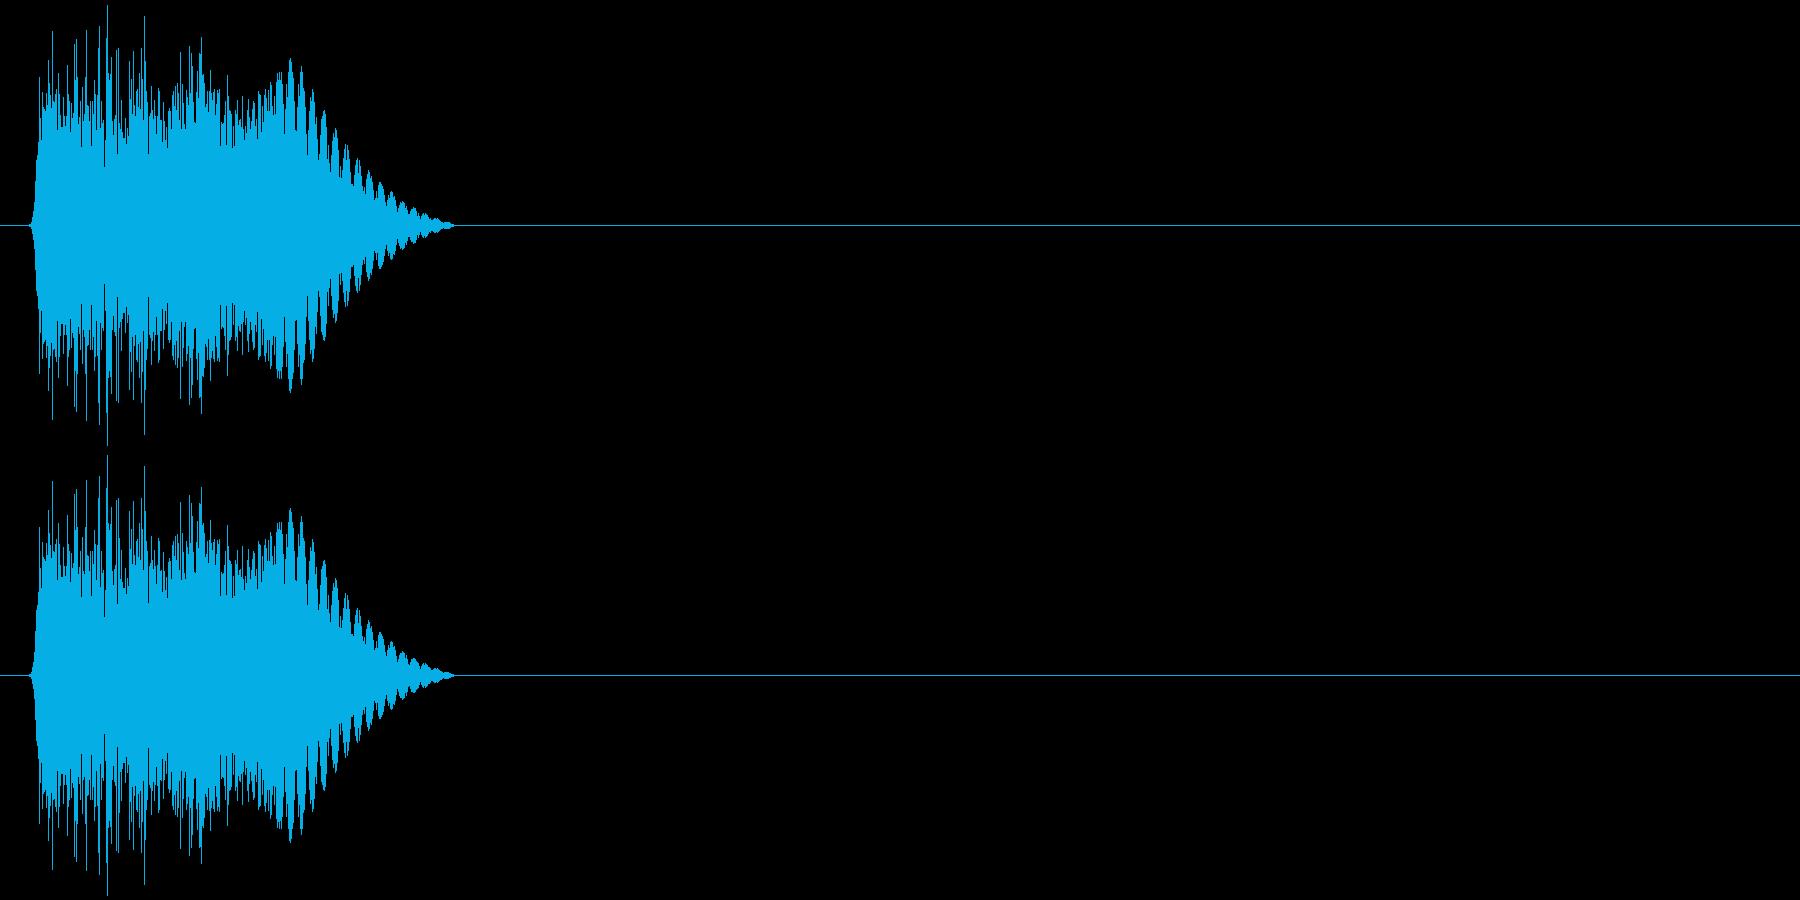 決定音(斬、電子音、シャキン)の再生済みの波形